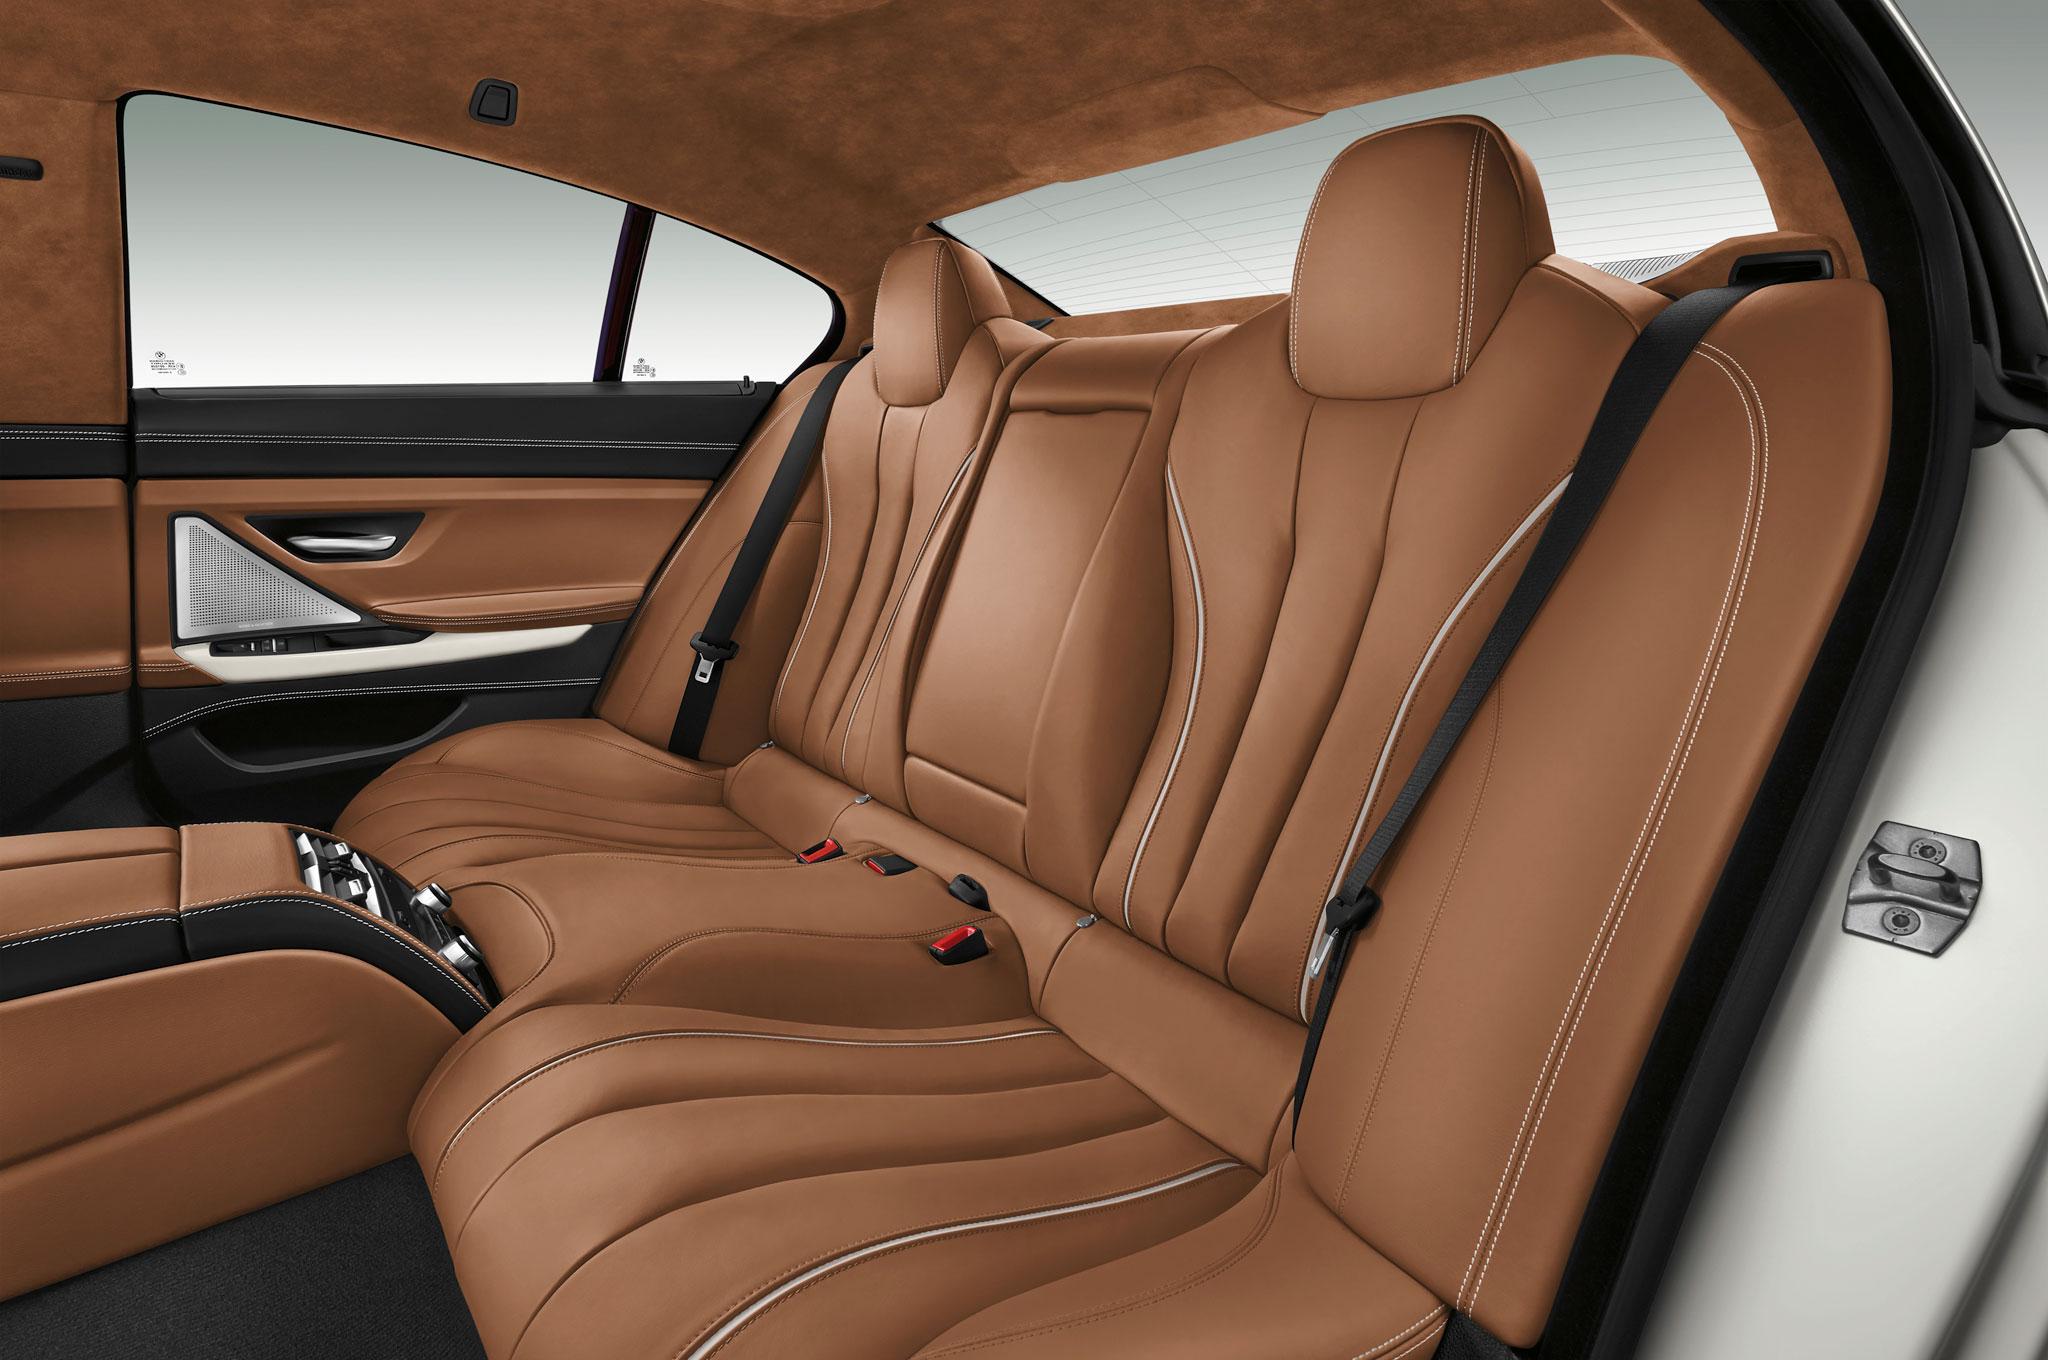 2016 BMW 6 Series Gran Coupe Rear Seat